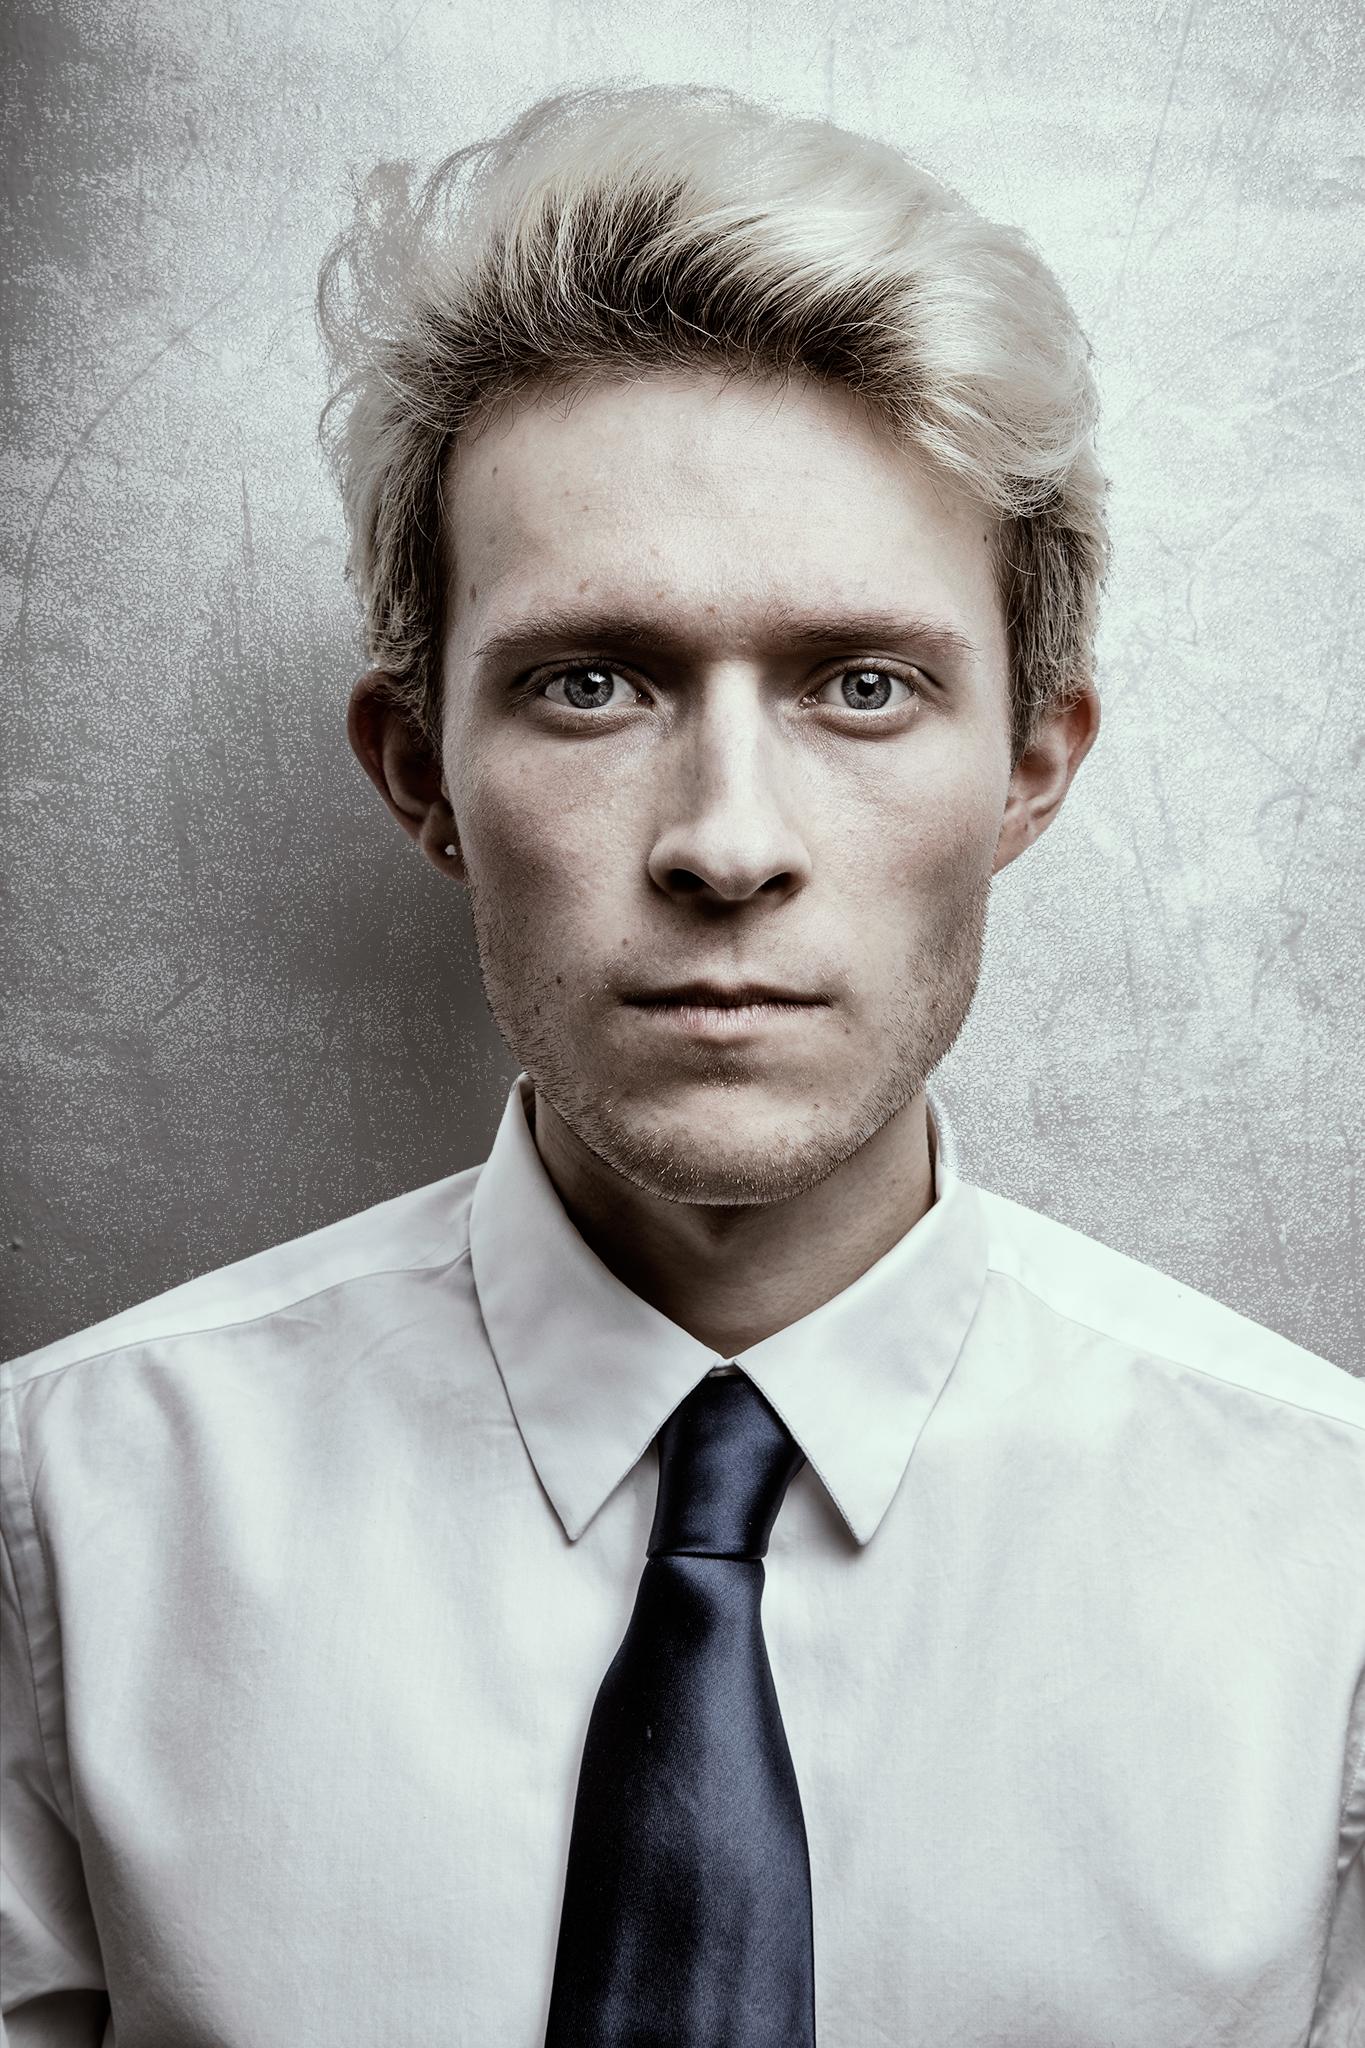 Max Portrait Grunge.jpg